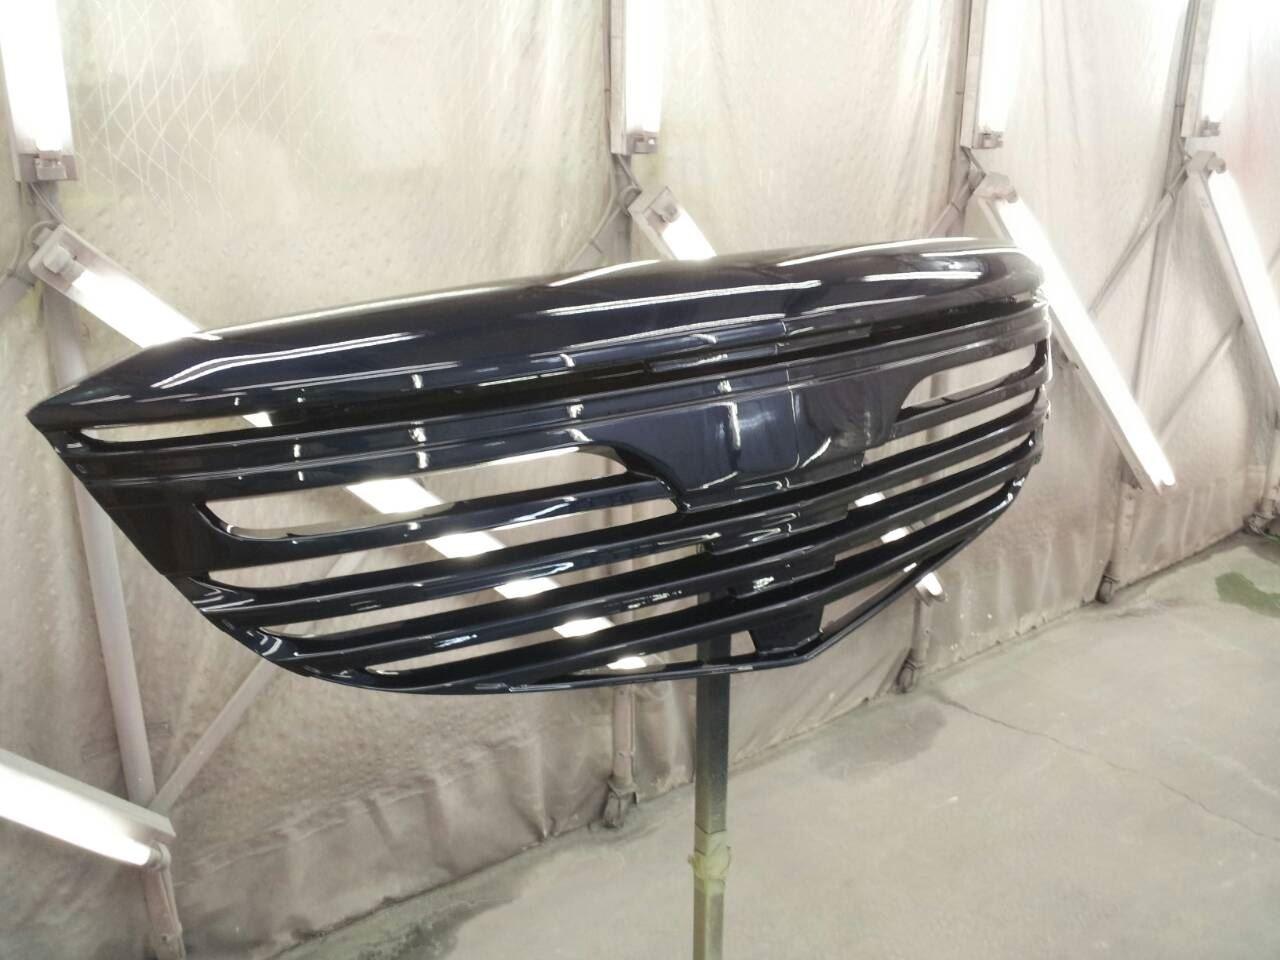 東京都立川市の車の板金塗装修理工場 ガレージローライドのマツダ CX-5のフロントグリル 塗装 取付 です。